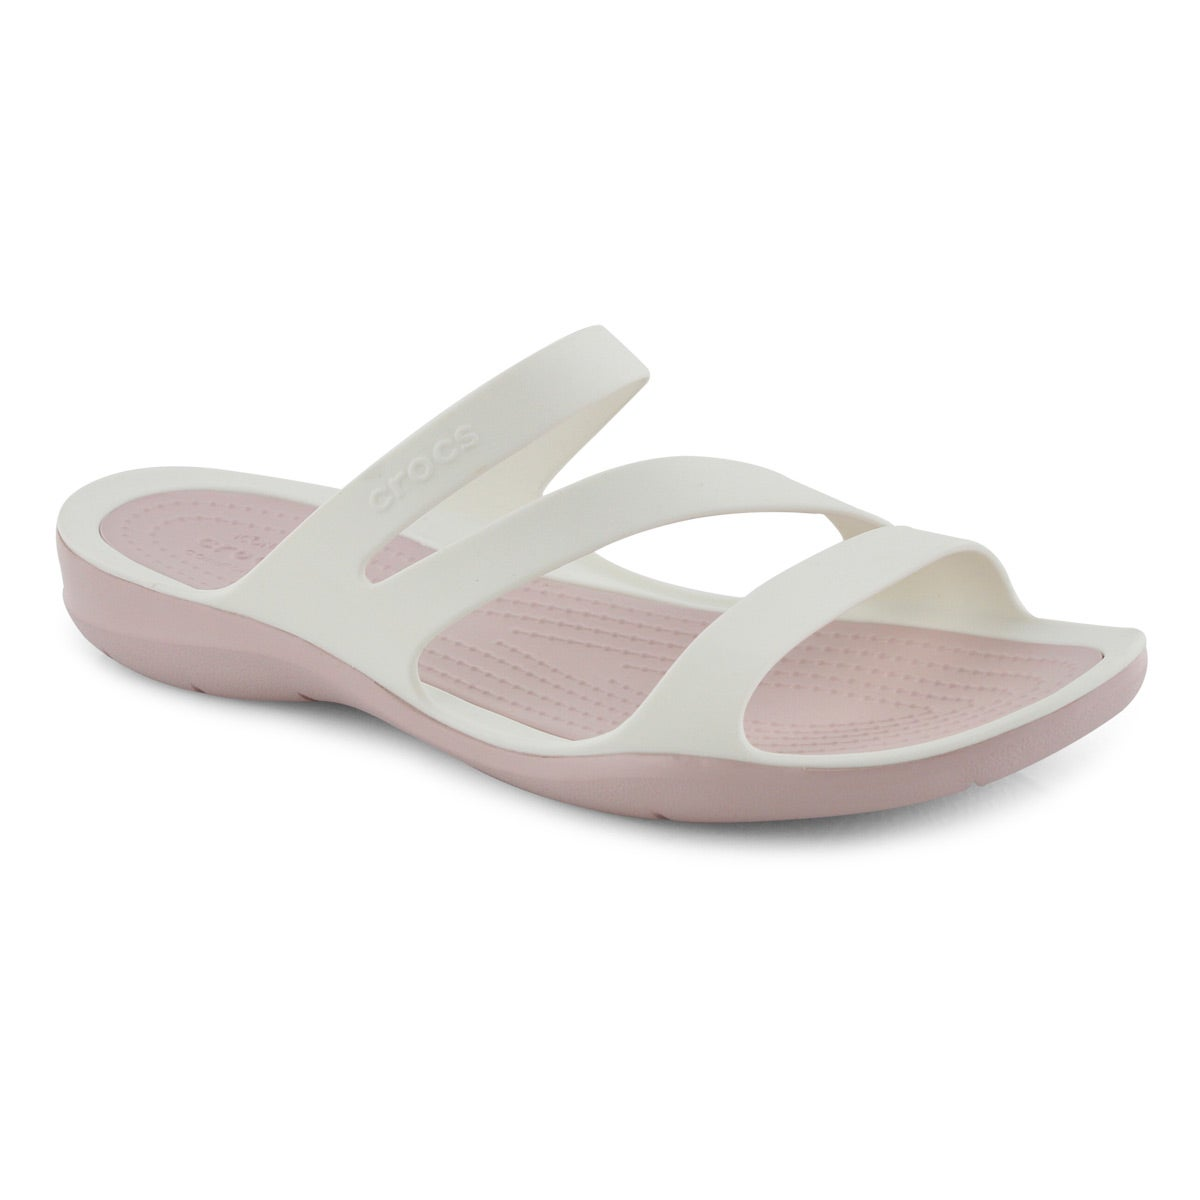 Lds Swiftwater wht/rose slide sandal